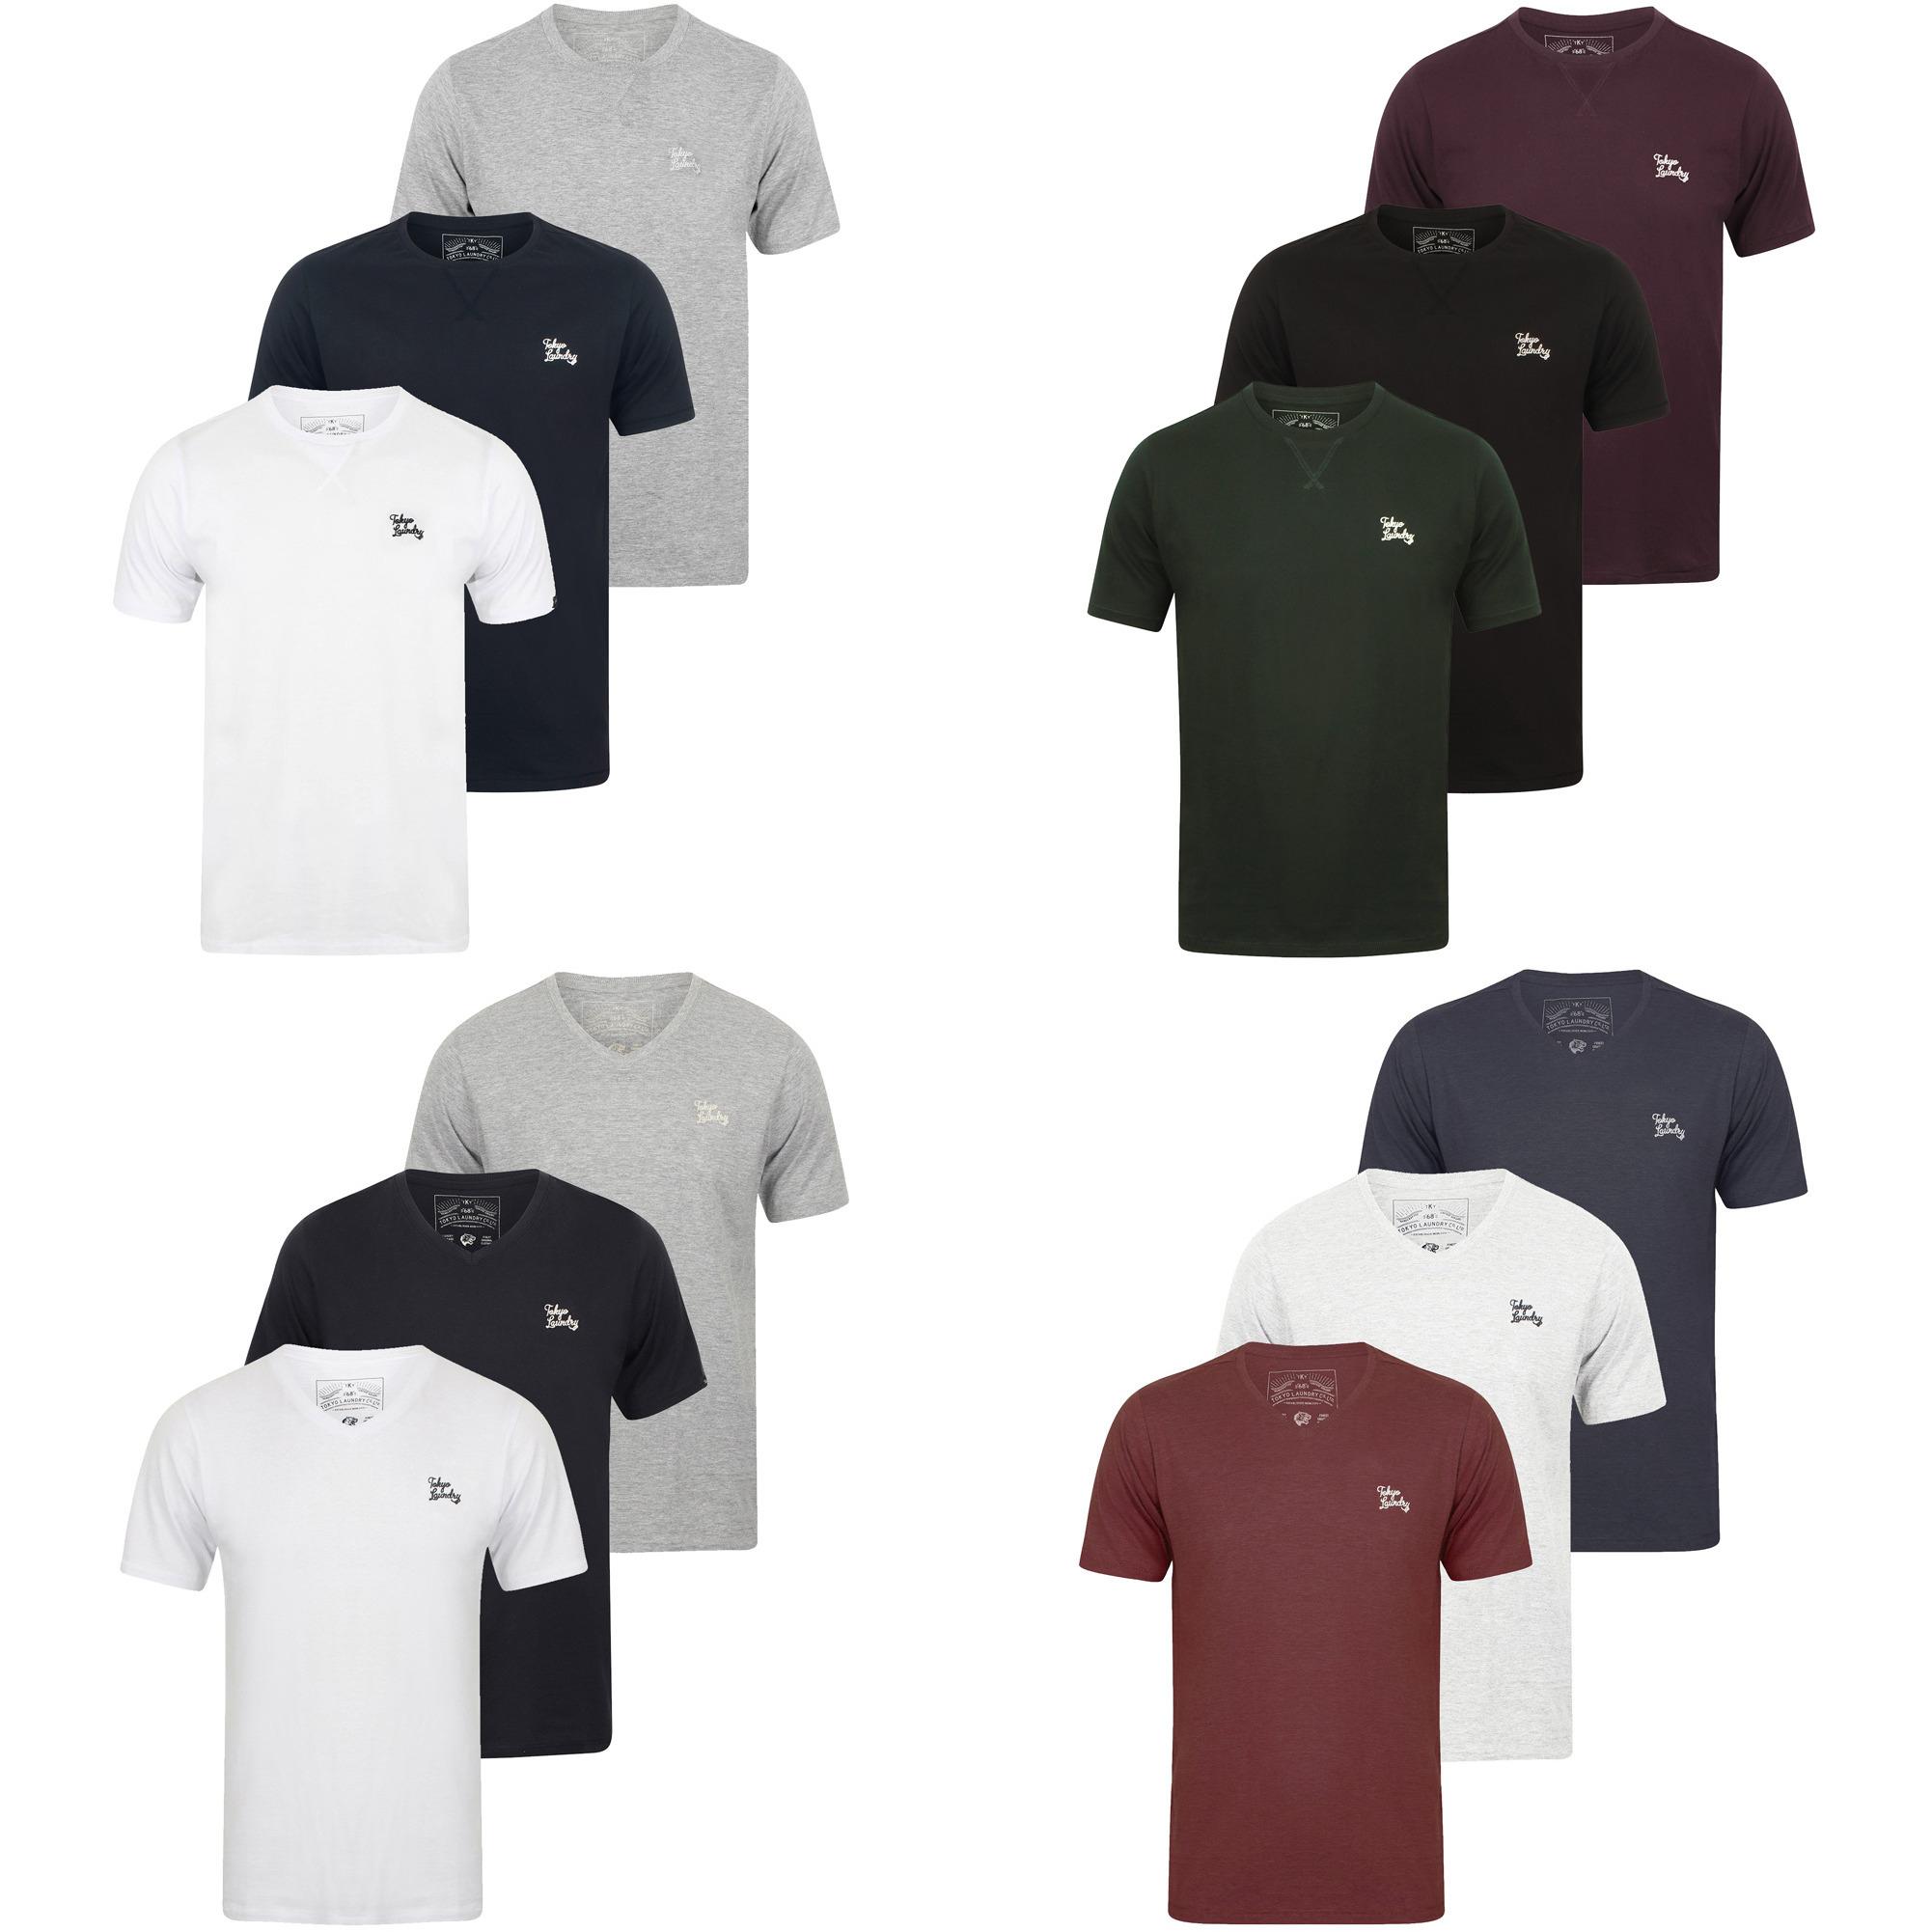 Tokyo Laundry 3er Pack T-Shirts für 13,99 zzgl. Versandkosten (Rund- oder V-Ausschnitt, verschiedene Farben)